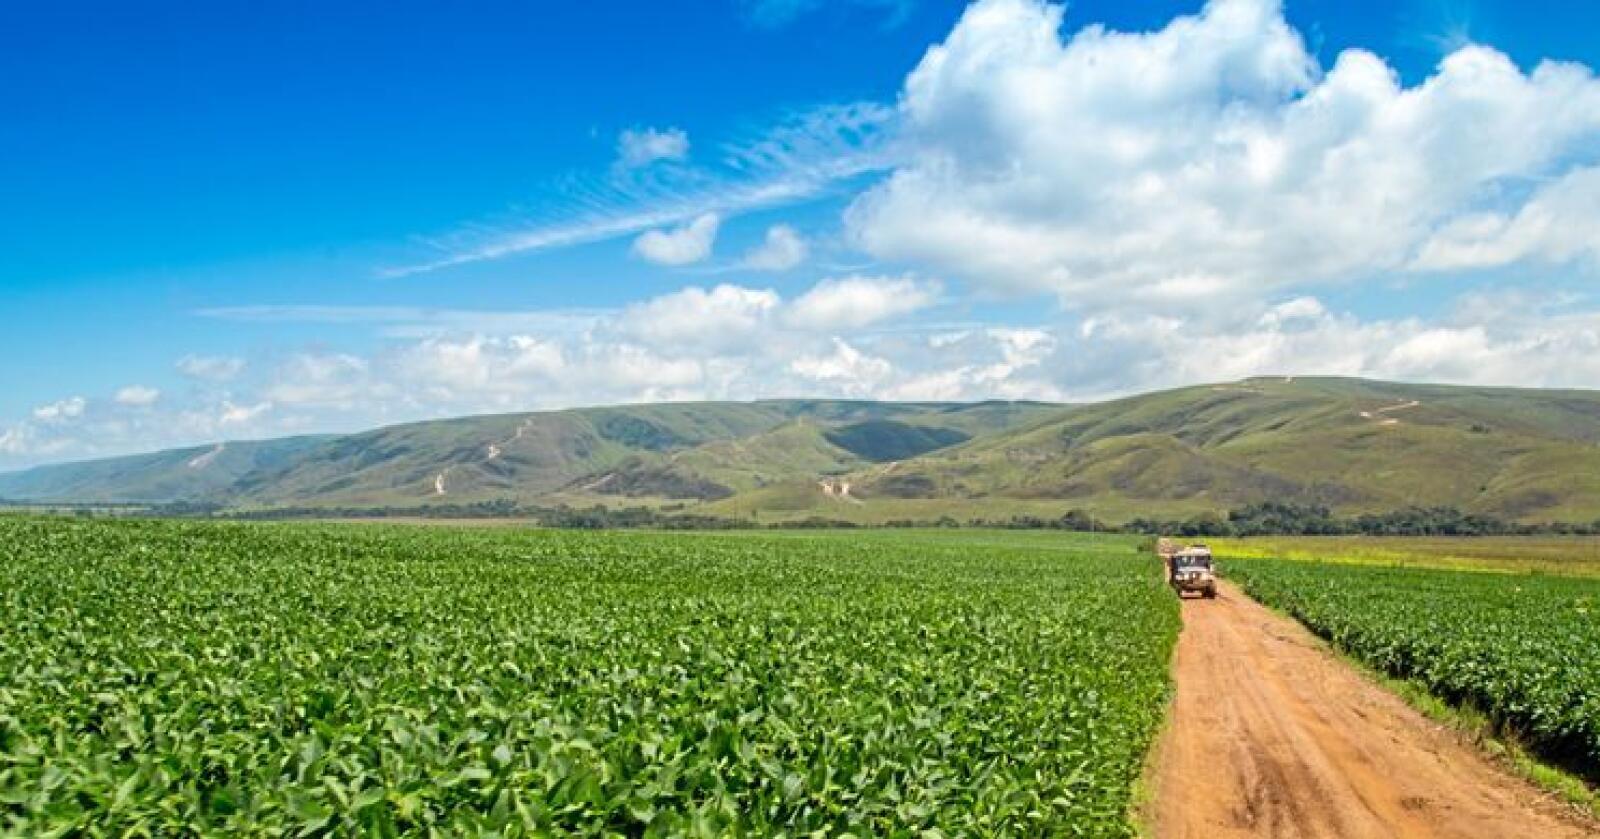 Brasils produksjon av soyabønner fører til øydelegging av regnskog. Foto: Mostphotos